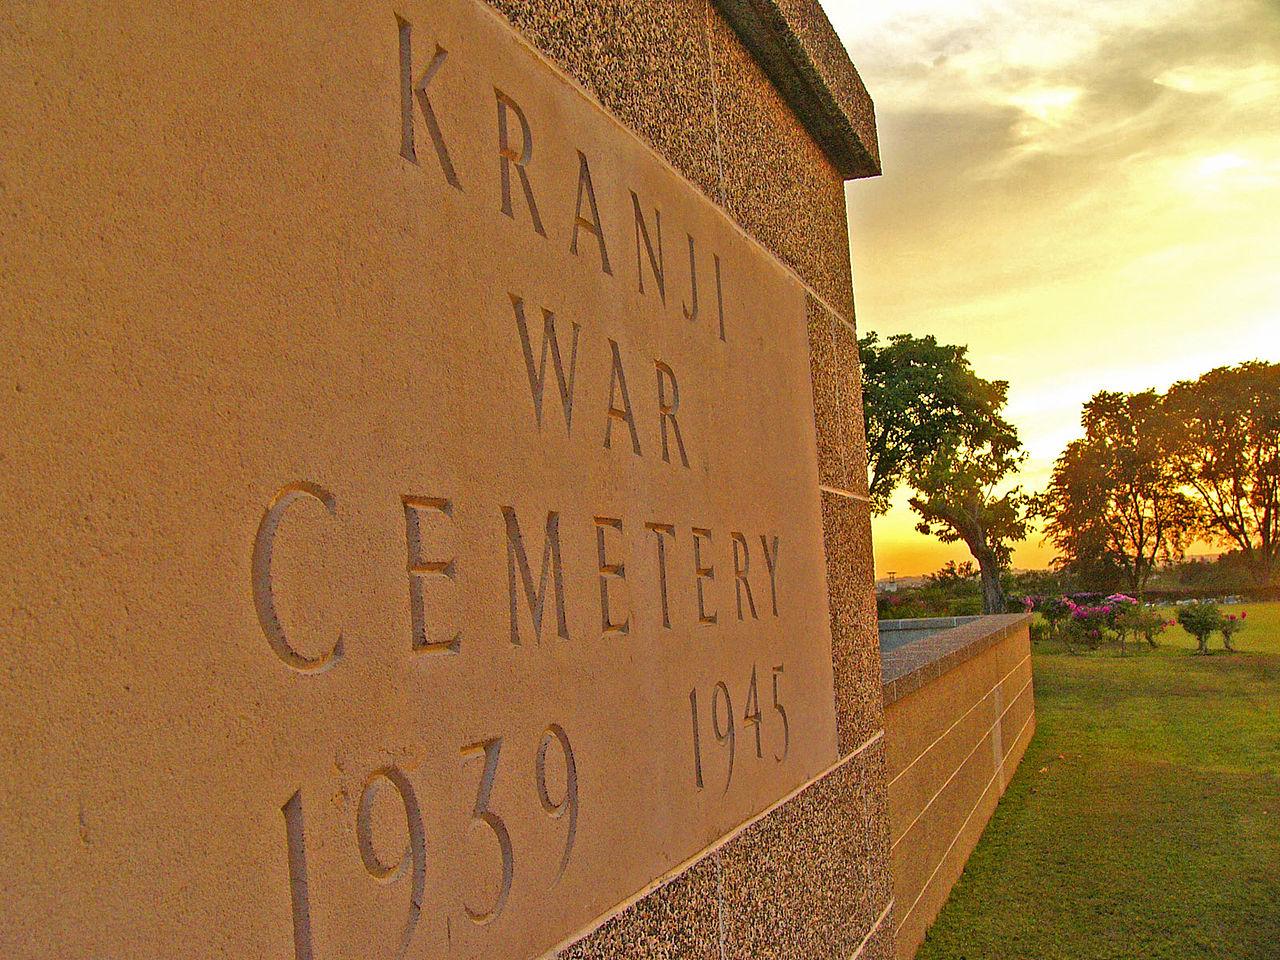 Kranji War Memorial Singapore